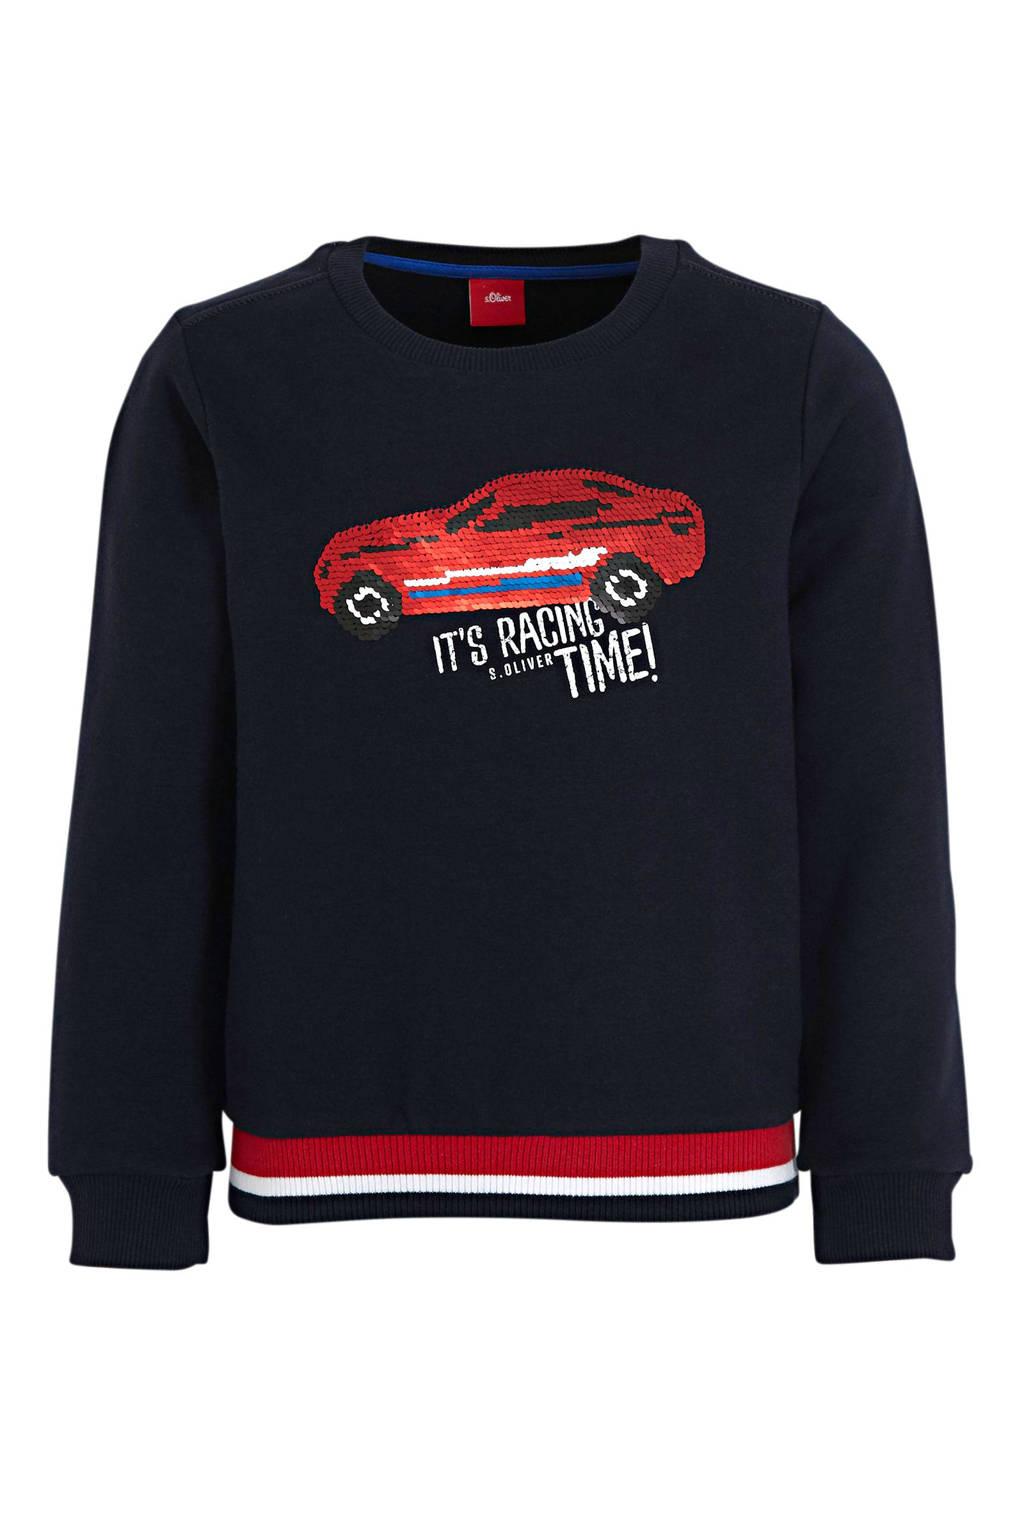 s.Oliver sweater met printopdruk en pailletten donkerblauw/rood/wit, Donkerblauw/rood/wit